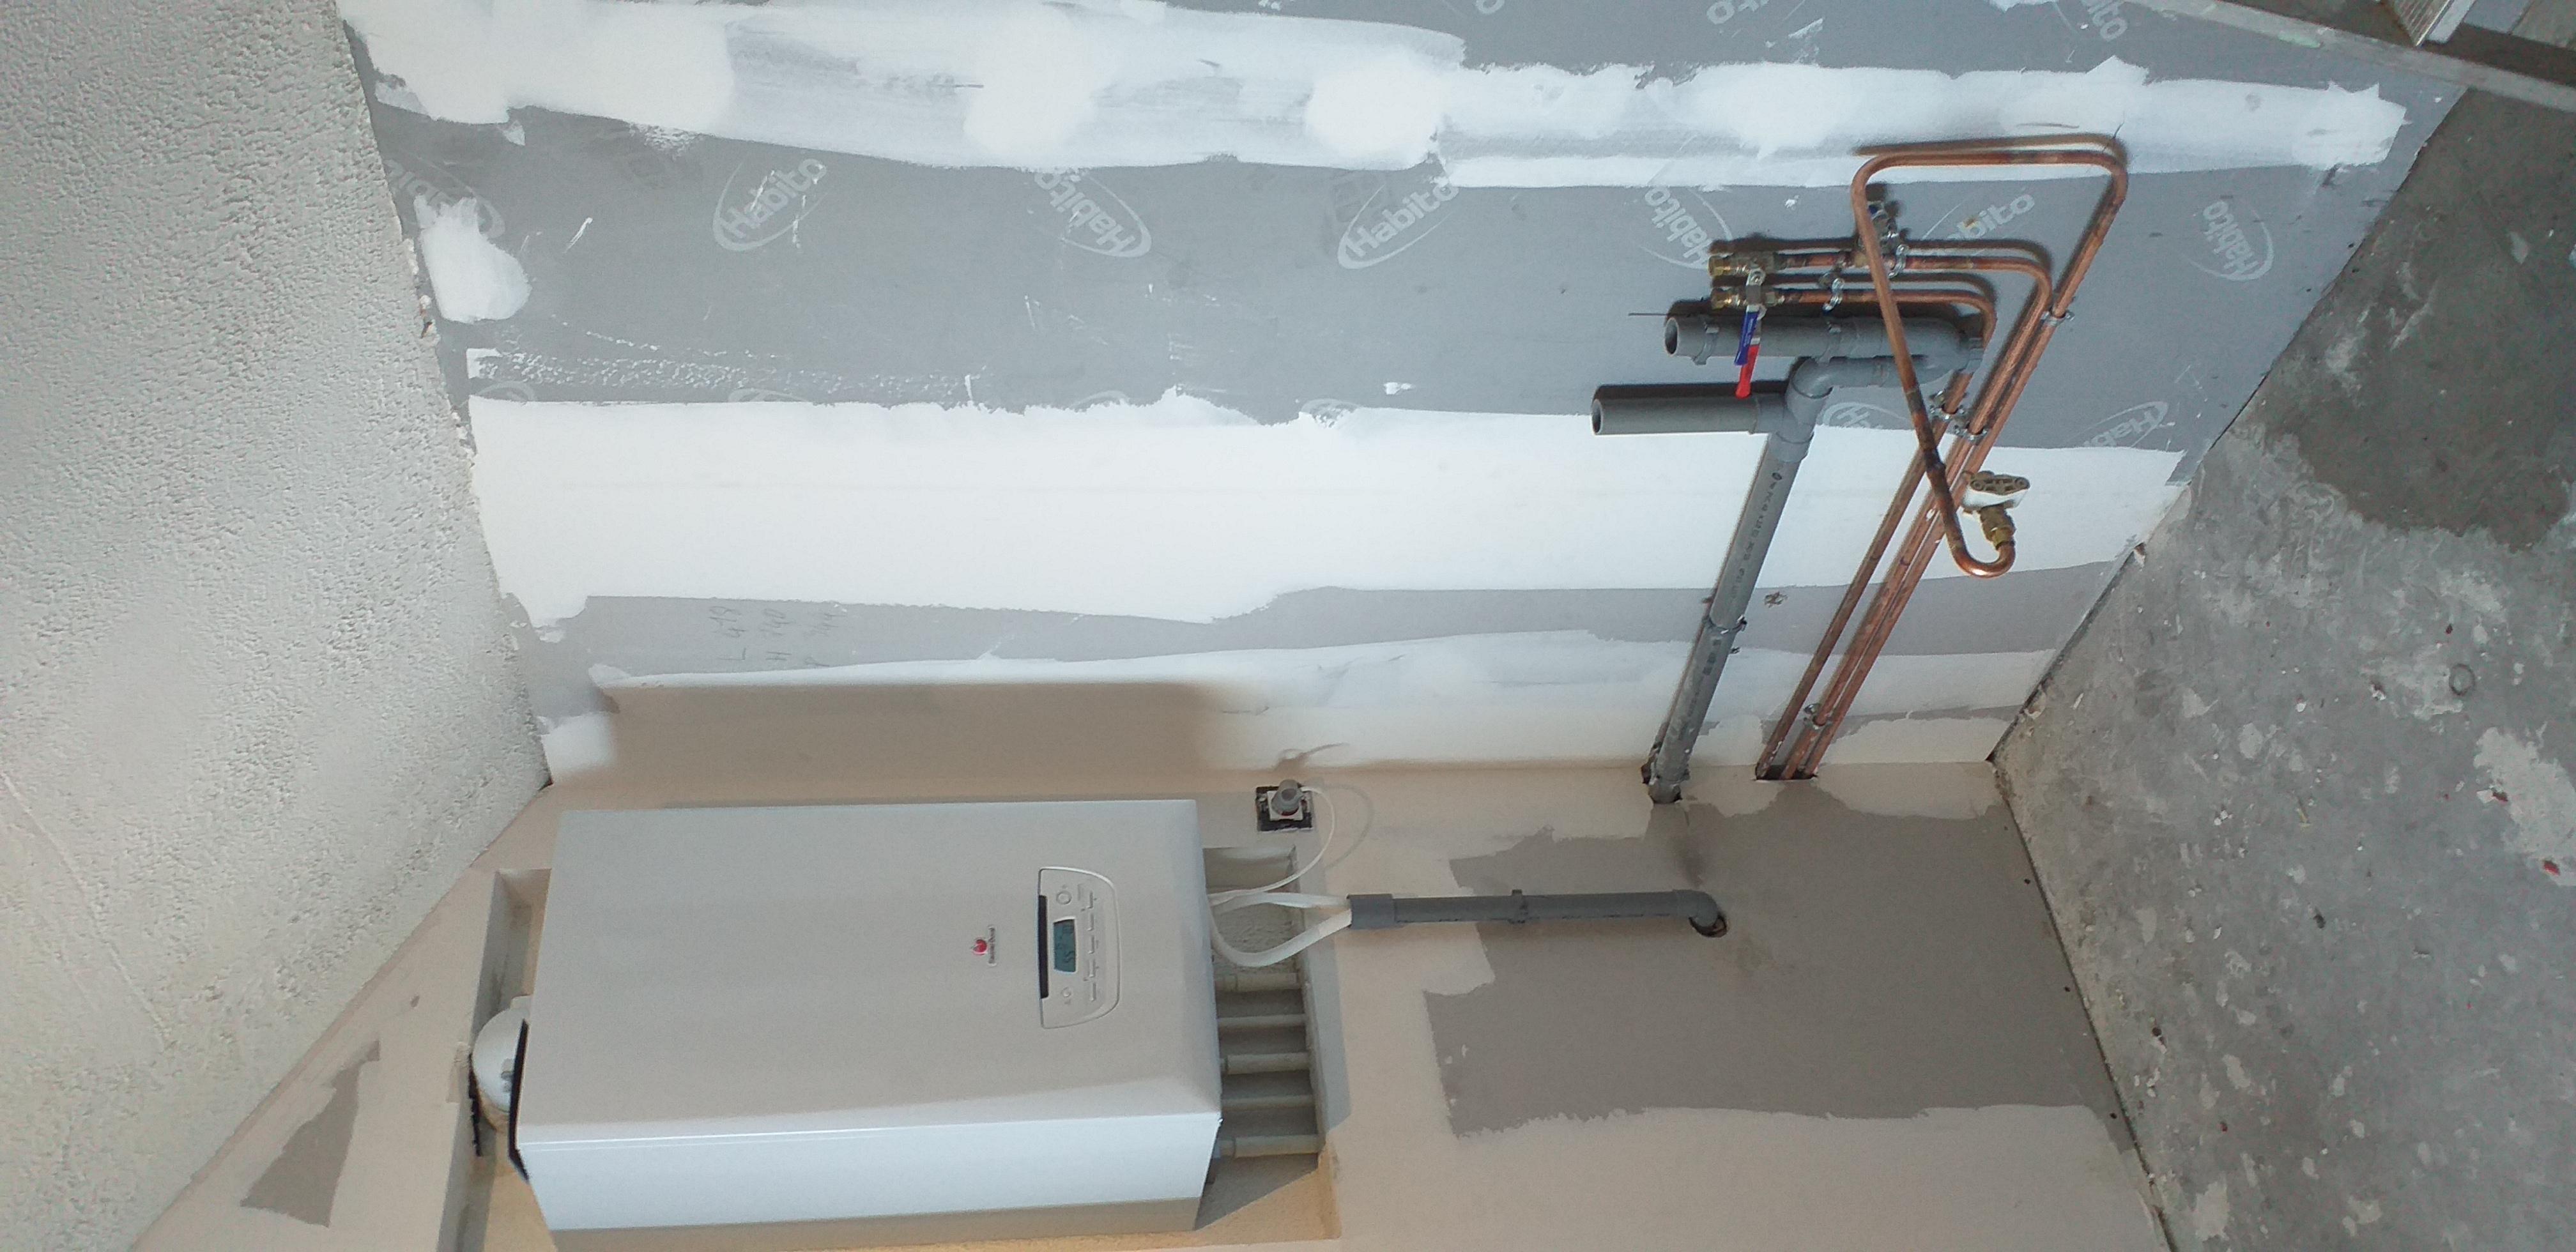 saint mars de coutais: remplacement d'une chaudière non condensation par une chaudière gaz condensation